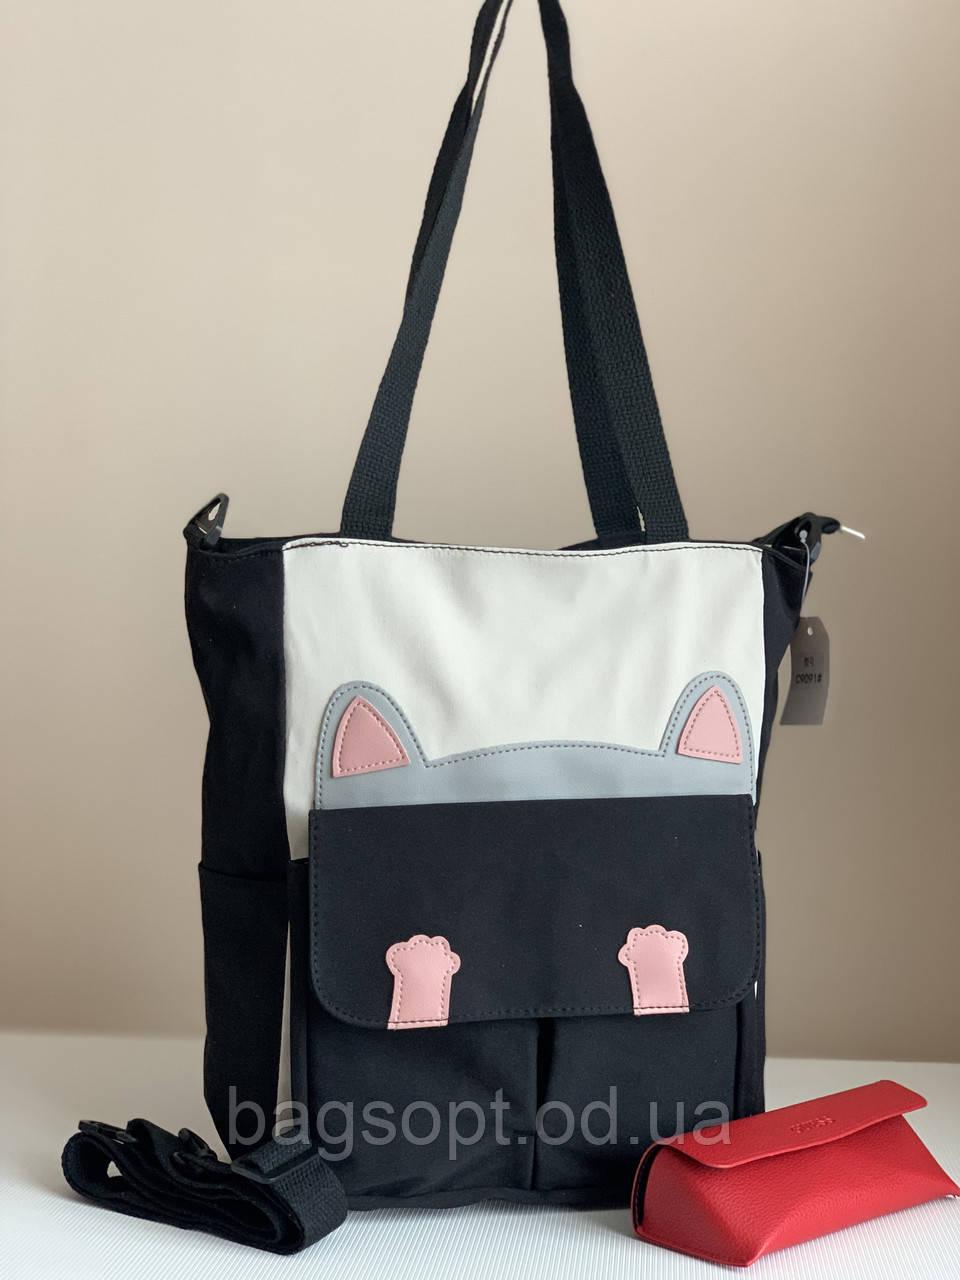 Черная эко сумка шоппер тканевая на молнии